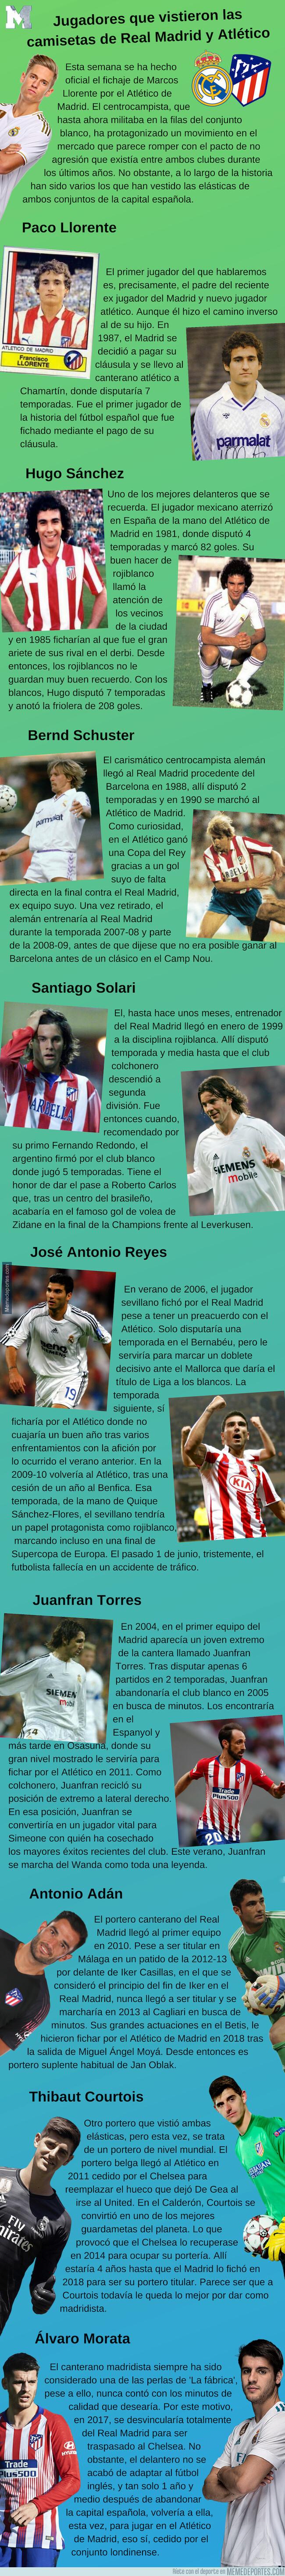 1078808 - Algunos jugadores que vistieron las camisetas de Real Madrid y Atlético